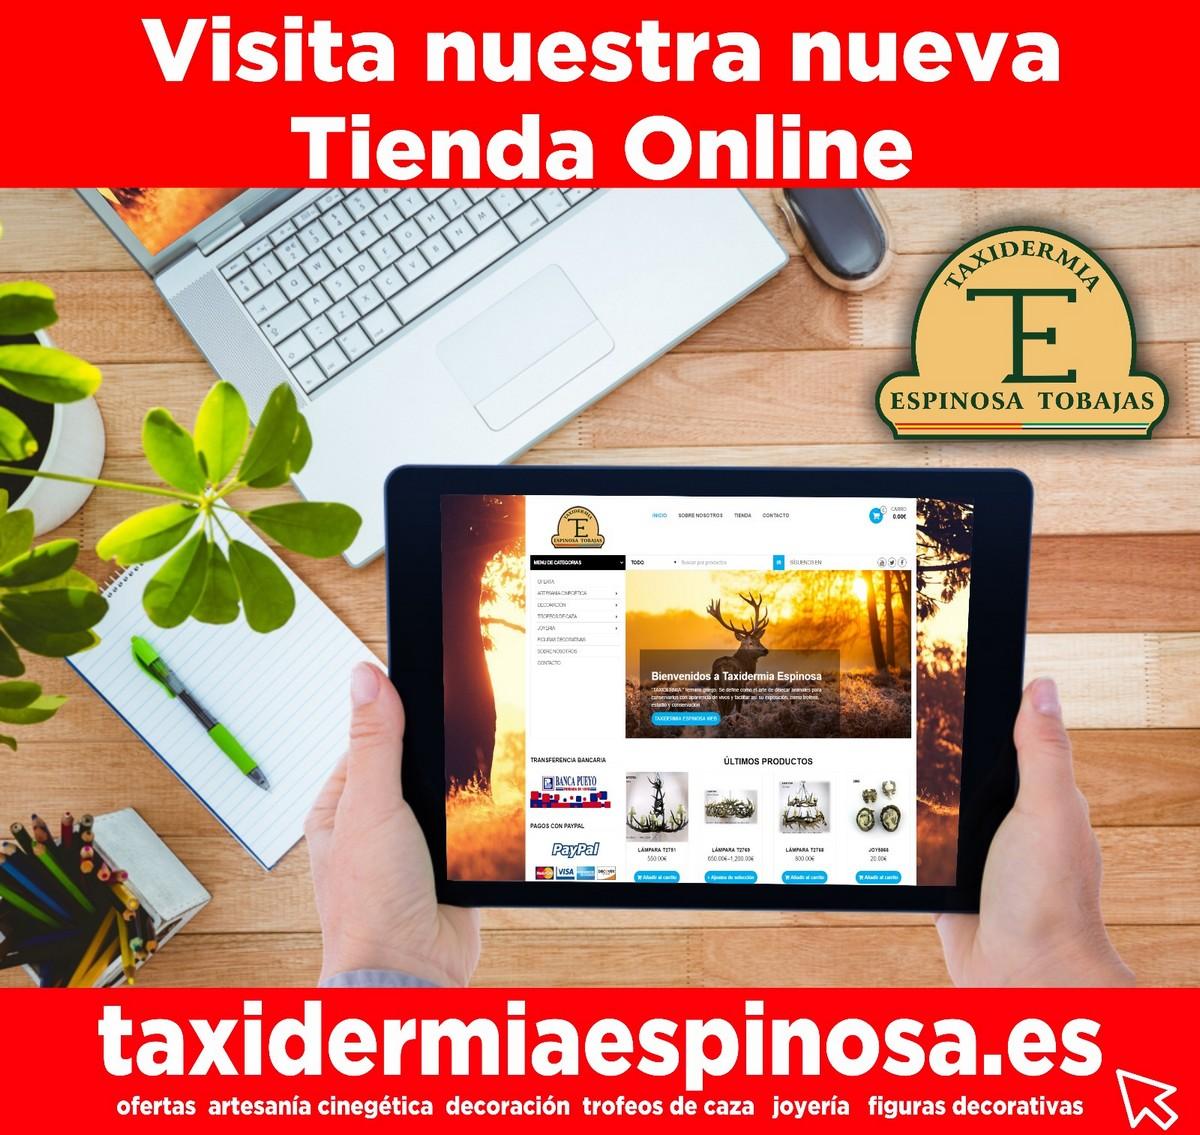 tienda-online-taxi